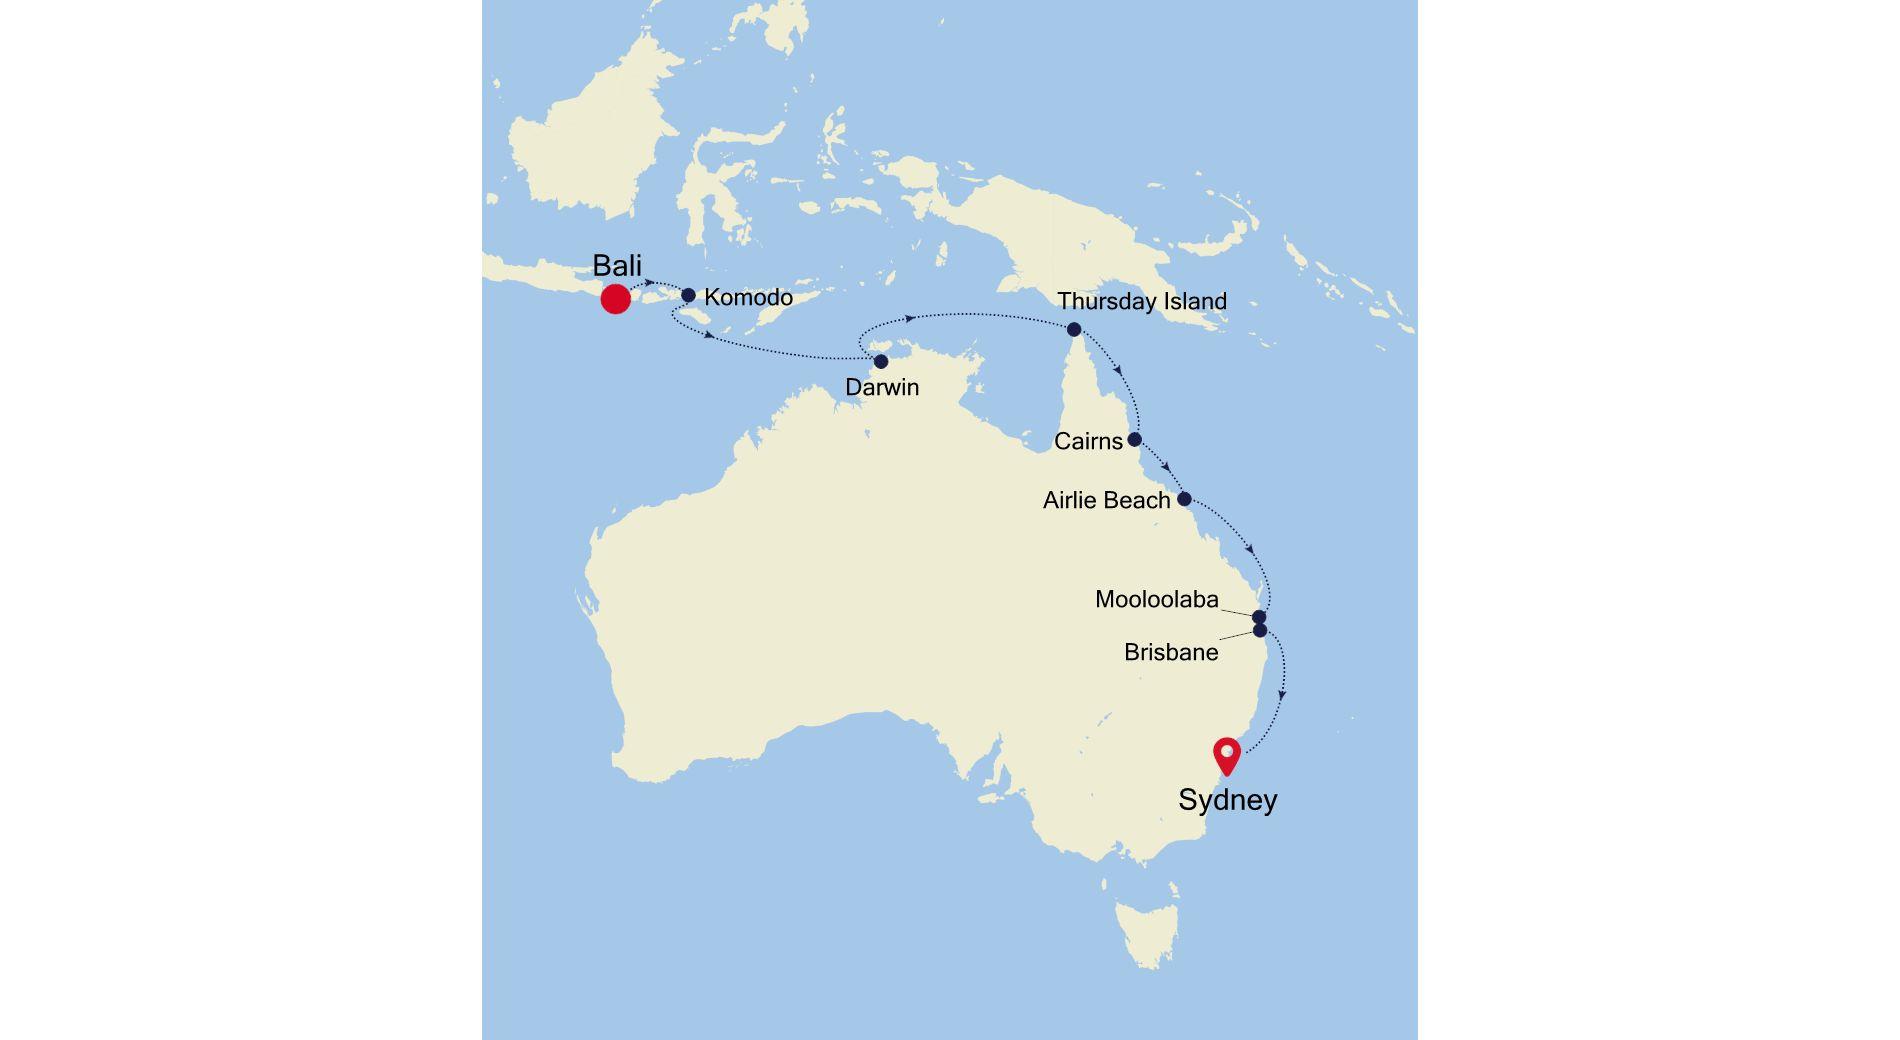 SM201203017 - Bali nach Sydney